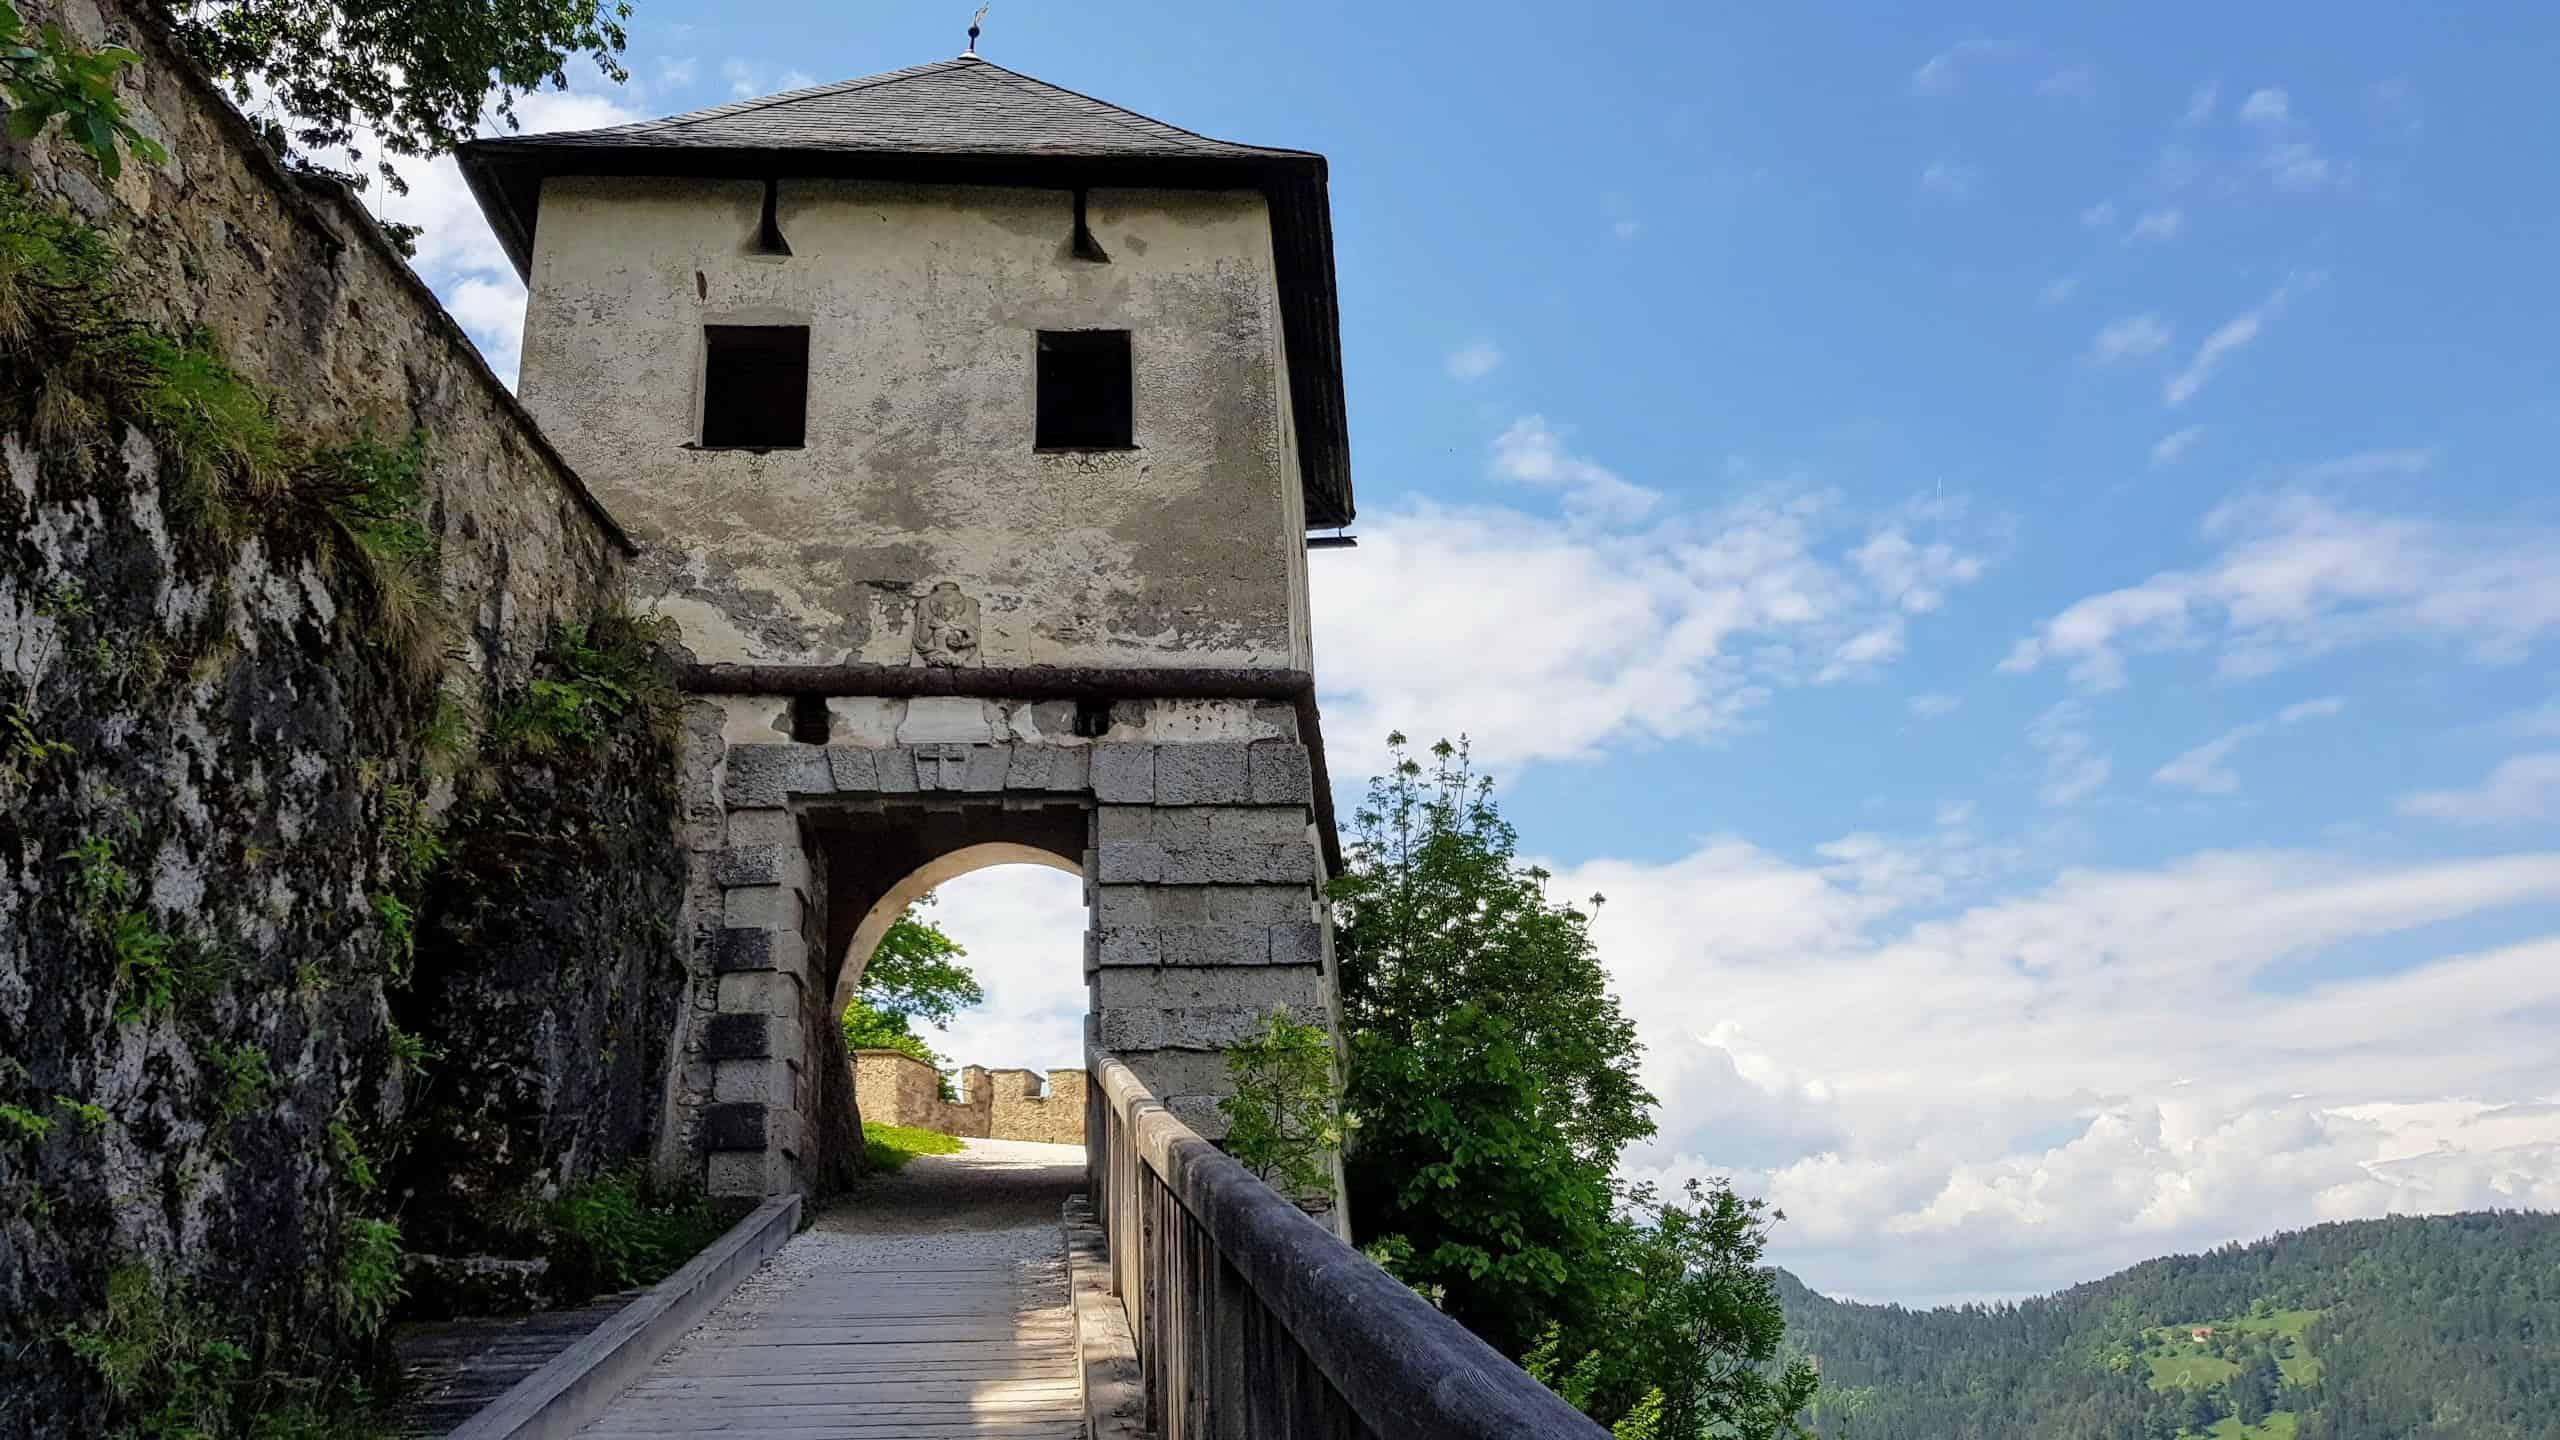 Fußweg zum Ausflugsziel Burg Hochosterwitz durch die historischen Tore der Burganlage.